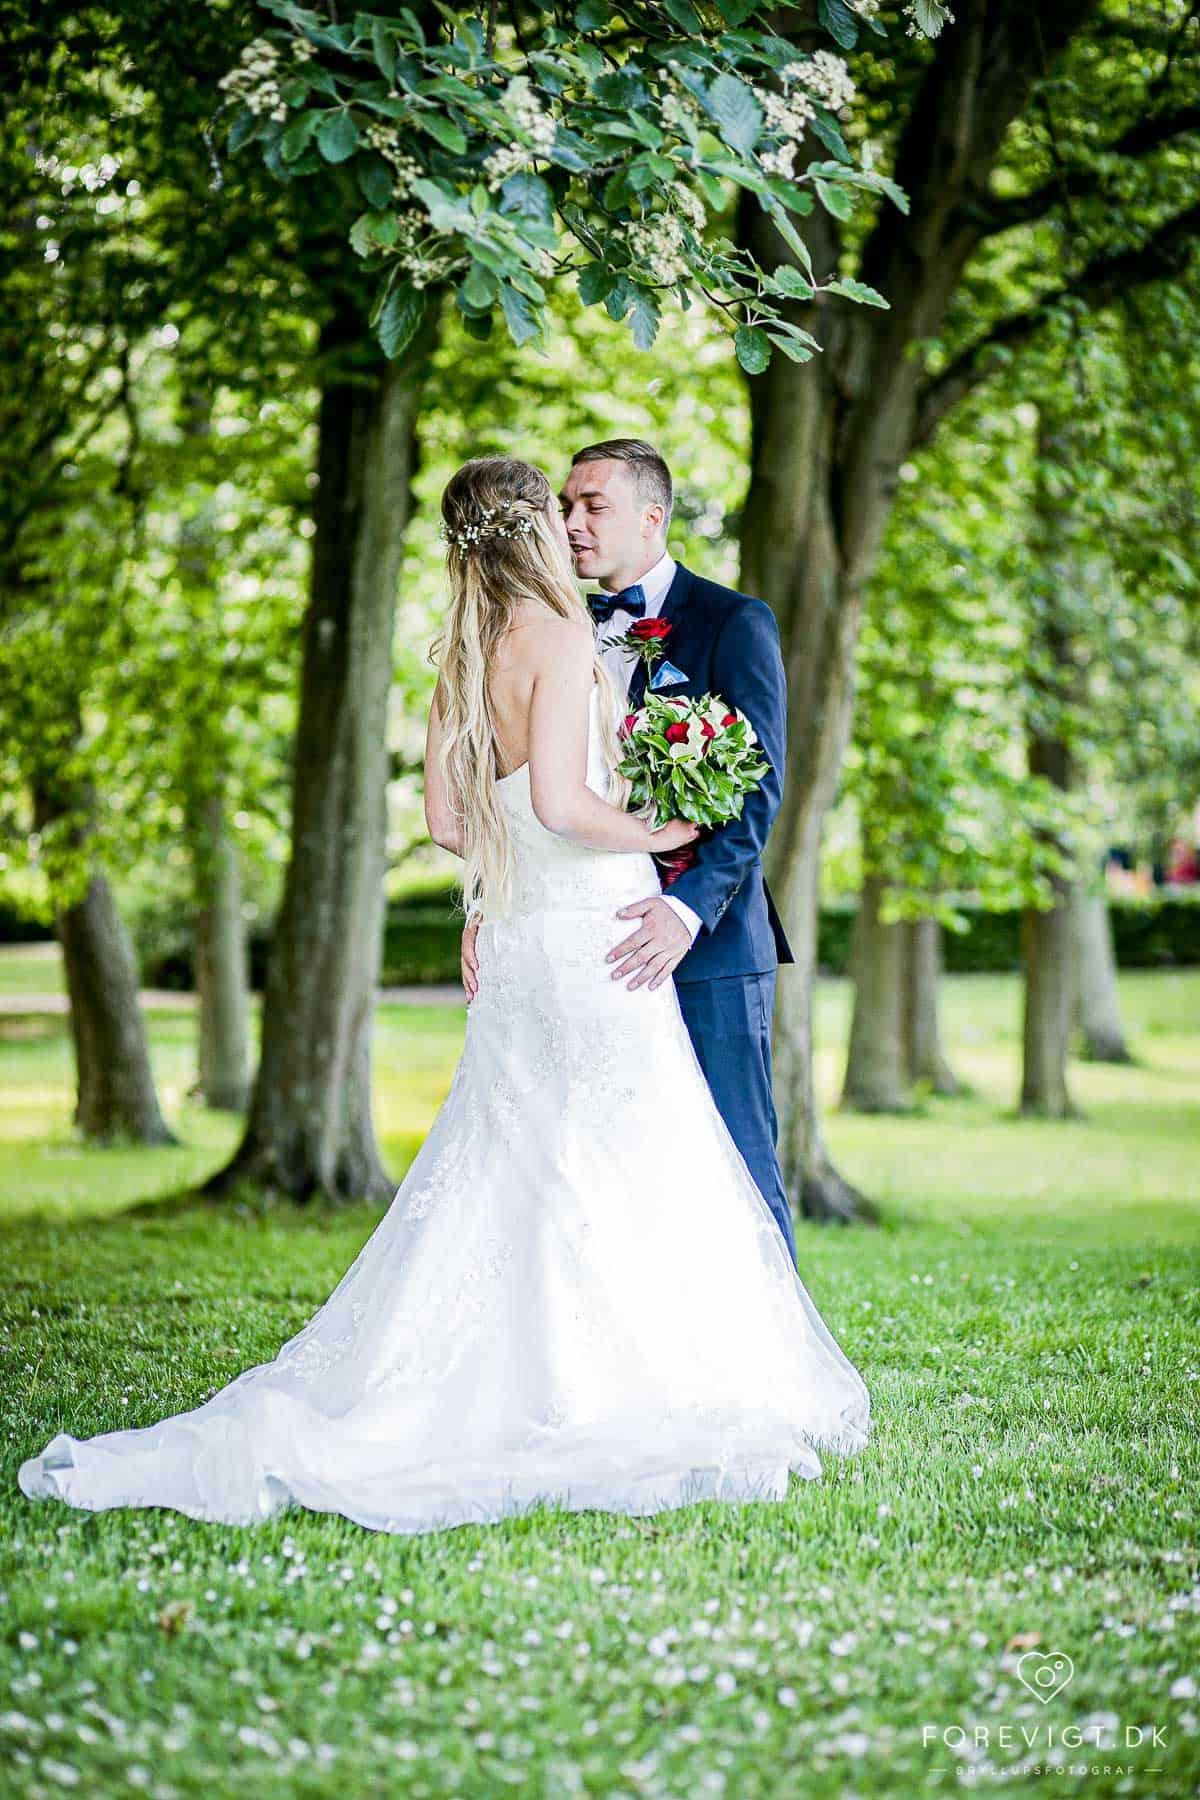 Gode feststeder til bryllup og fest